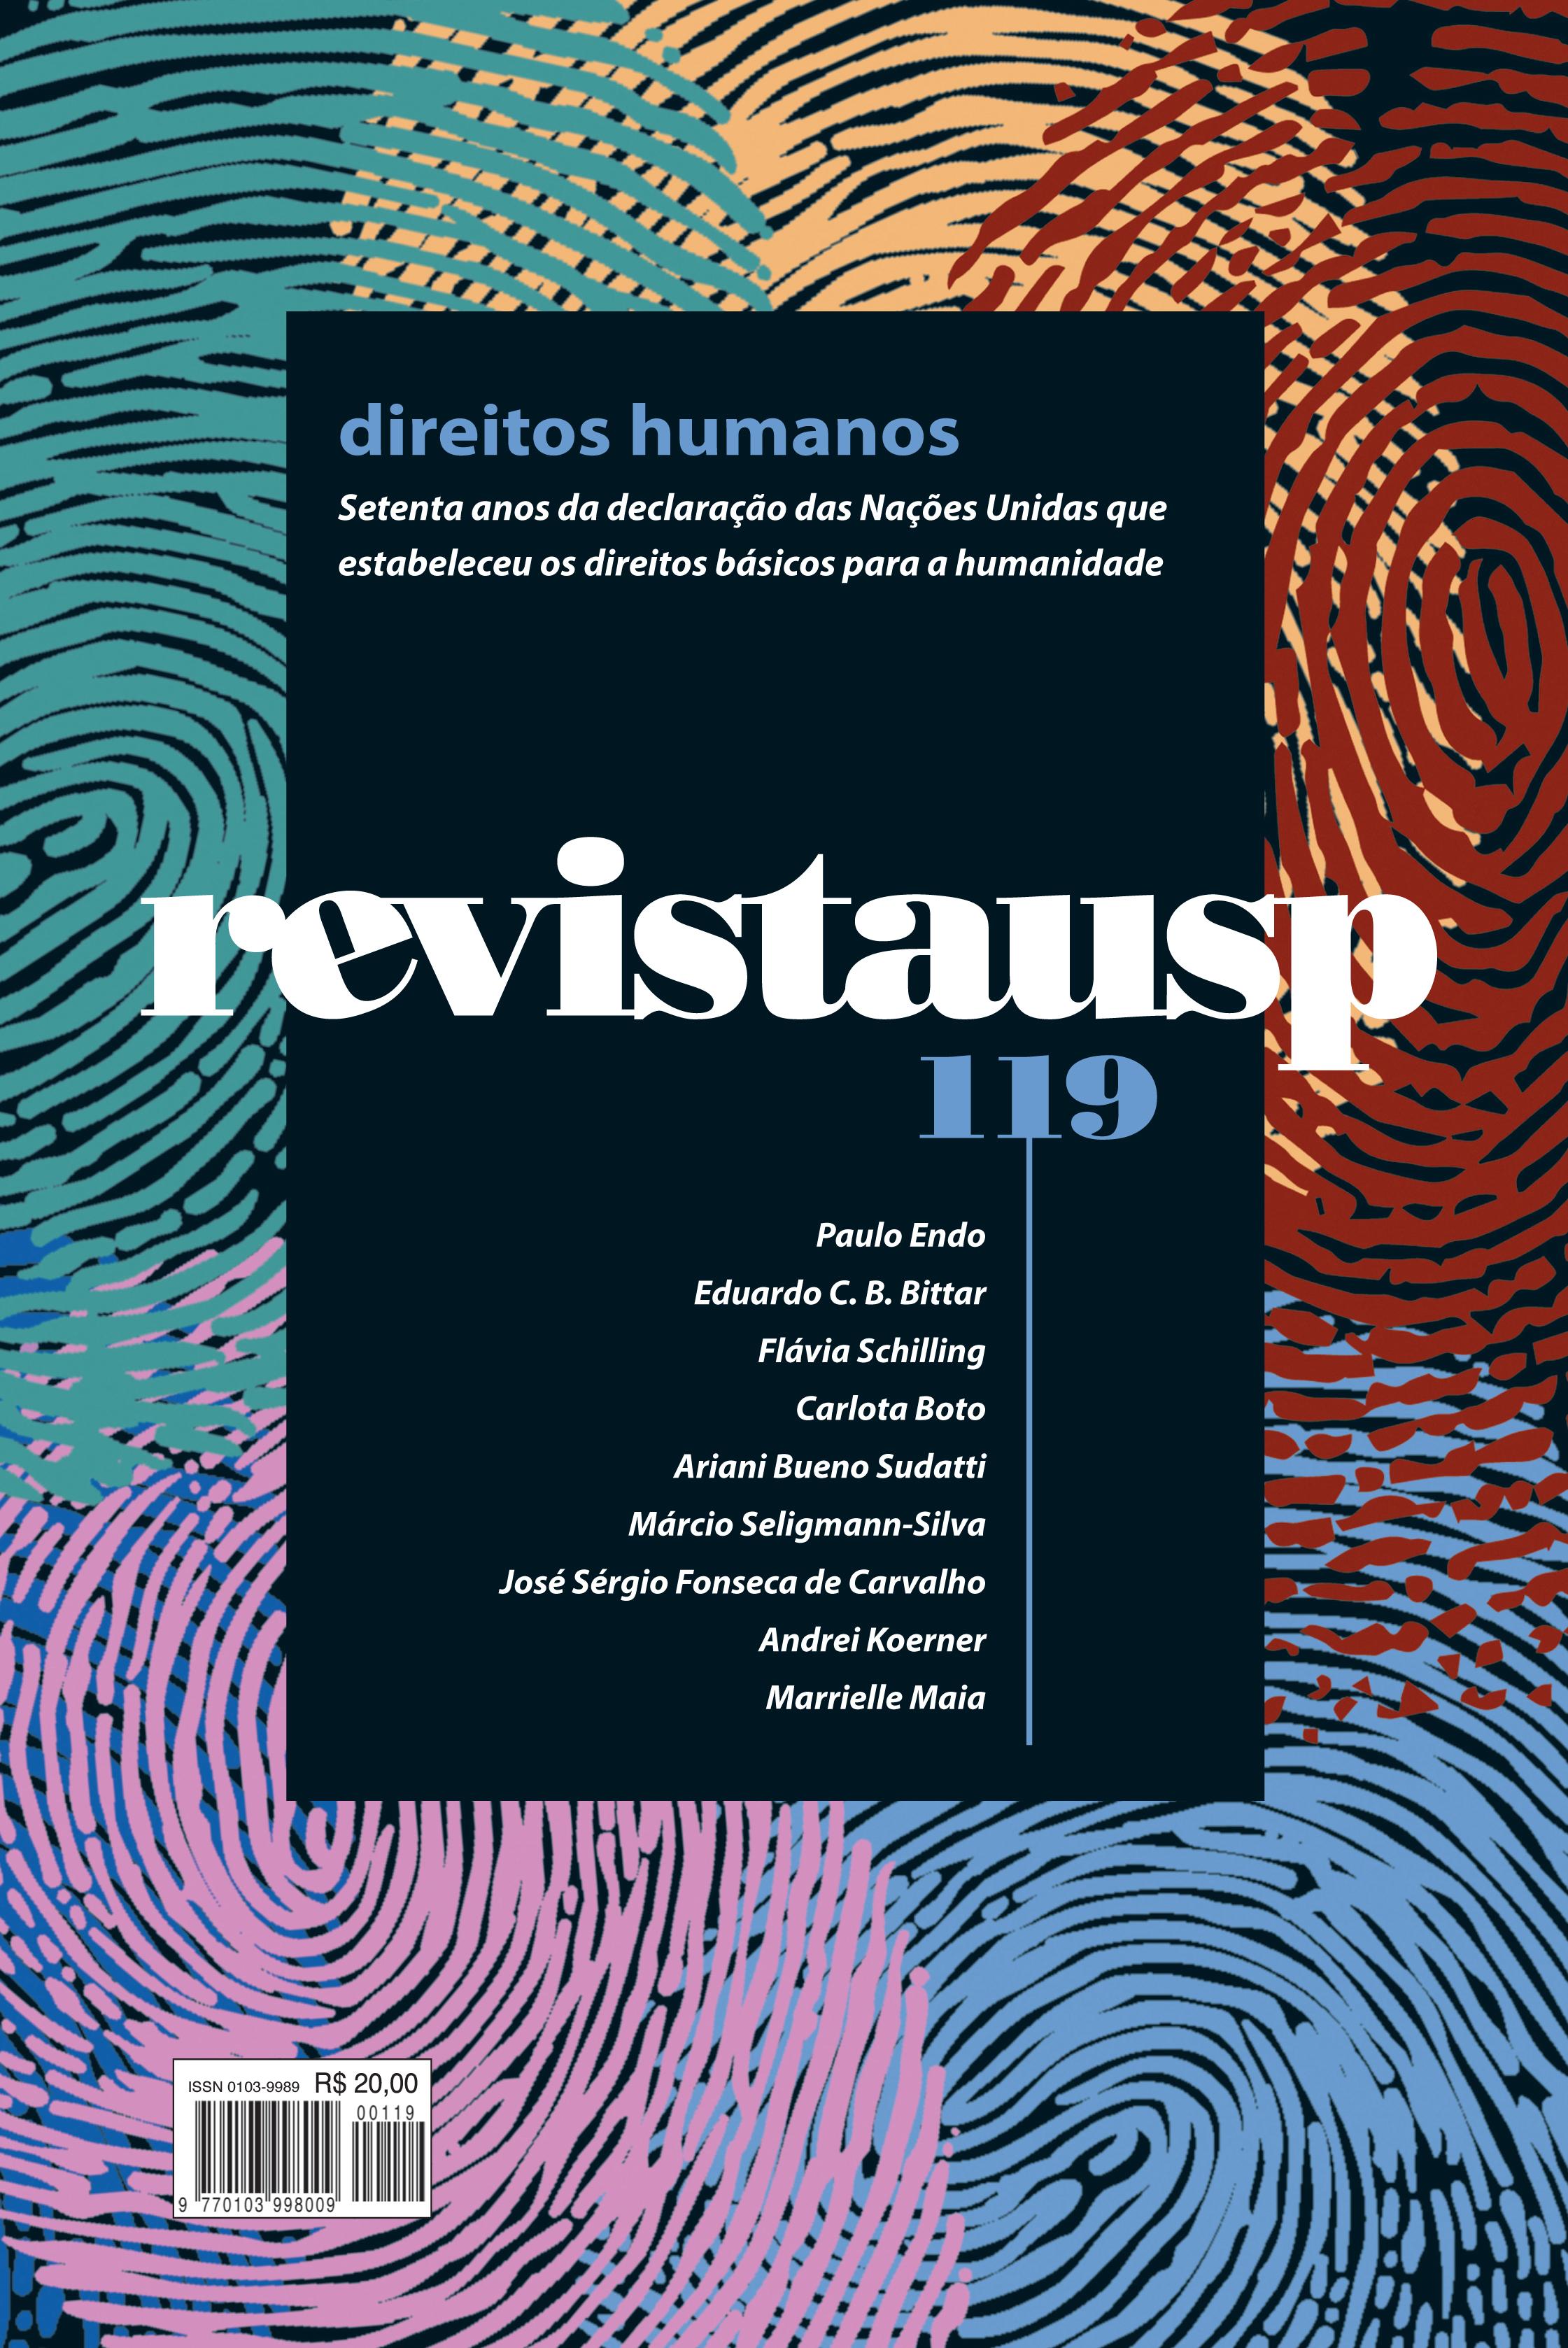 Visualizar n. 119 (2018): dossiê direitos humanos